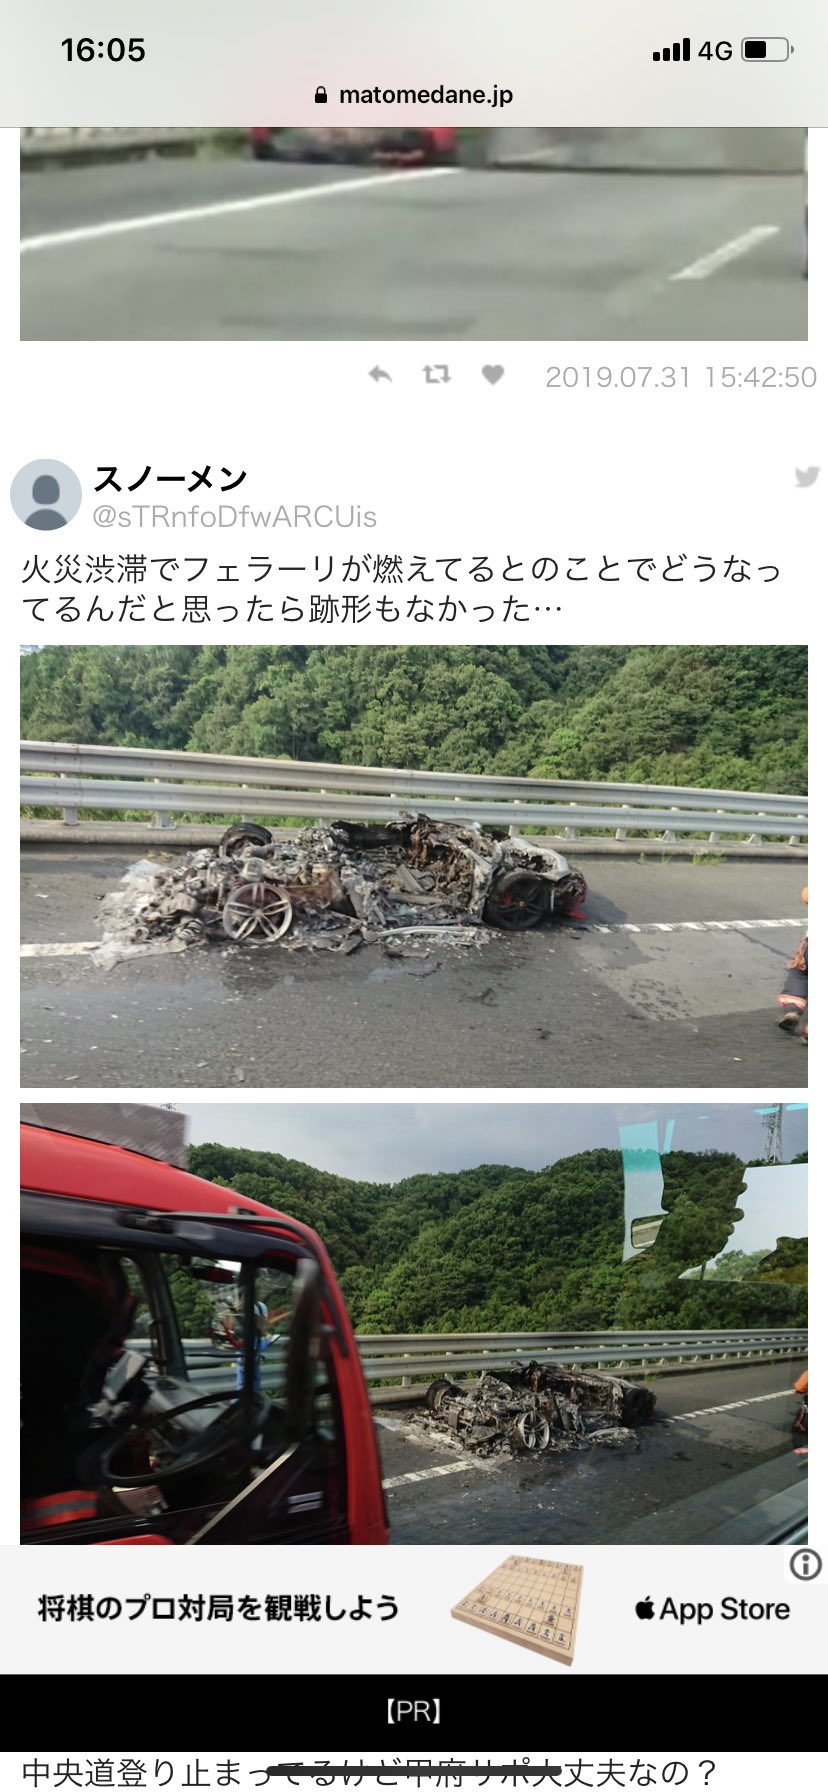 画像,中央道事故渋滞に美木はまっている為ジム開館時間に遅れる可能性があります。フェラーリが全焼して通行止めになっています。大変申し訳ありません。 https://t.…